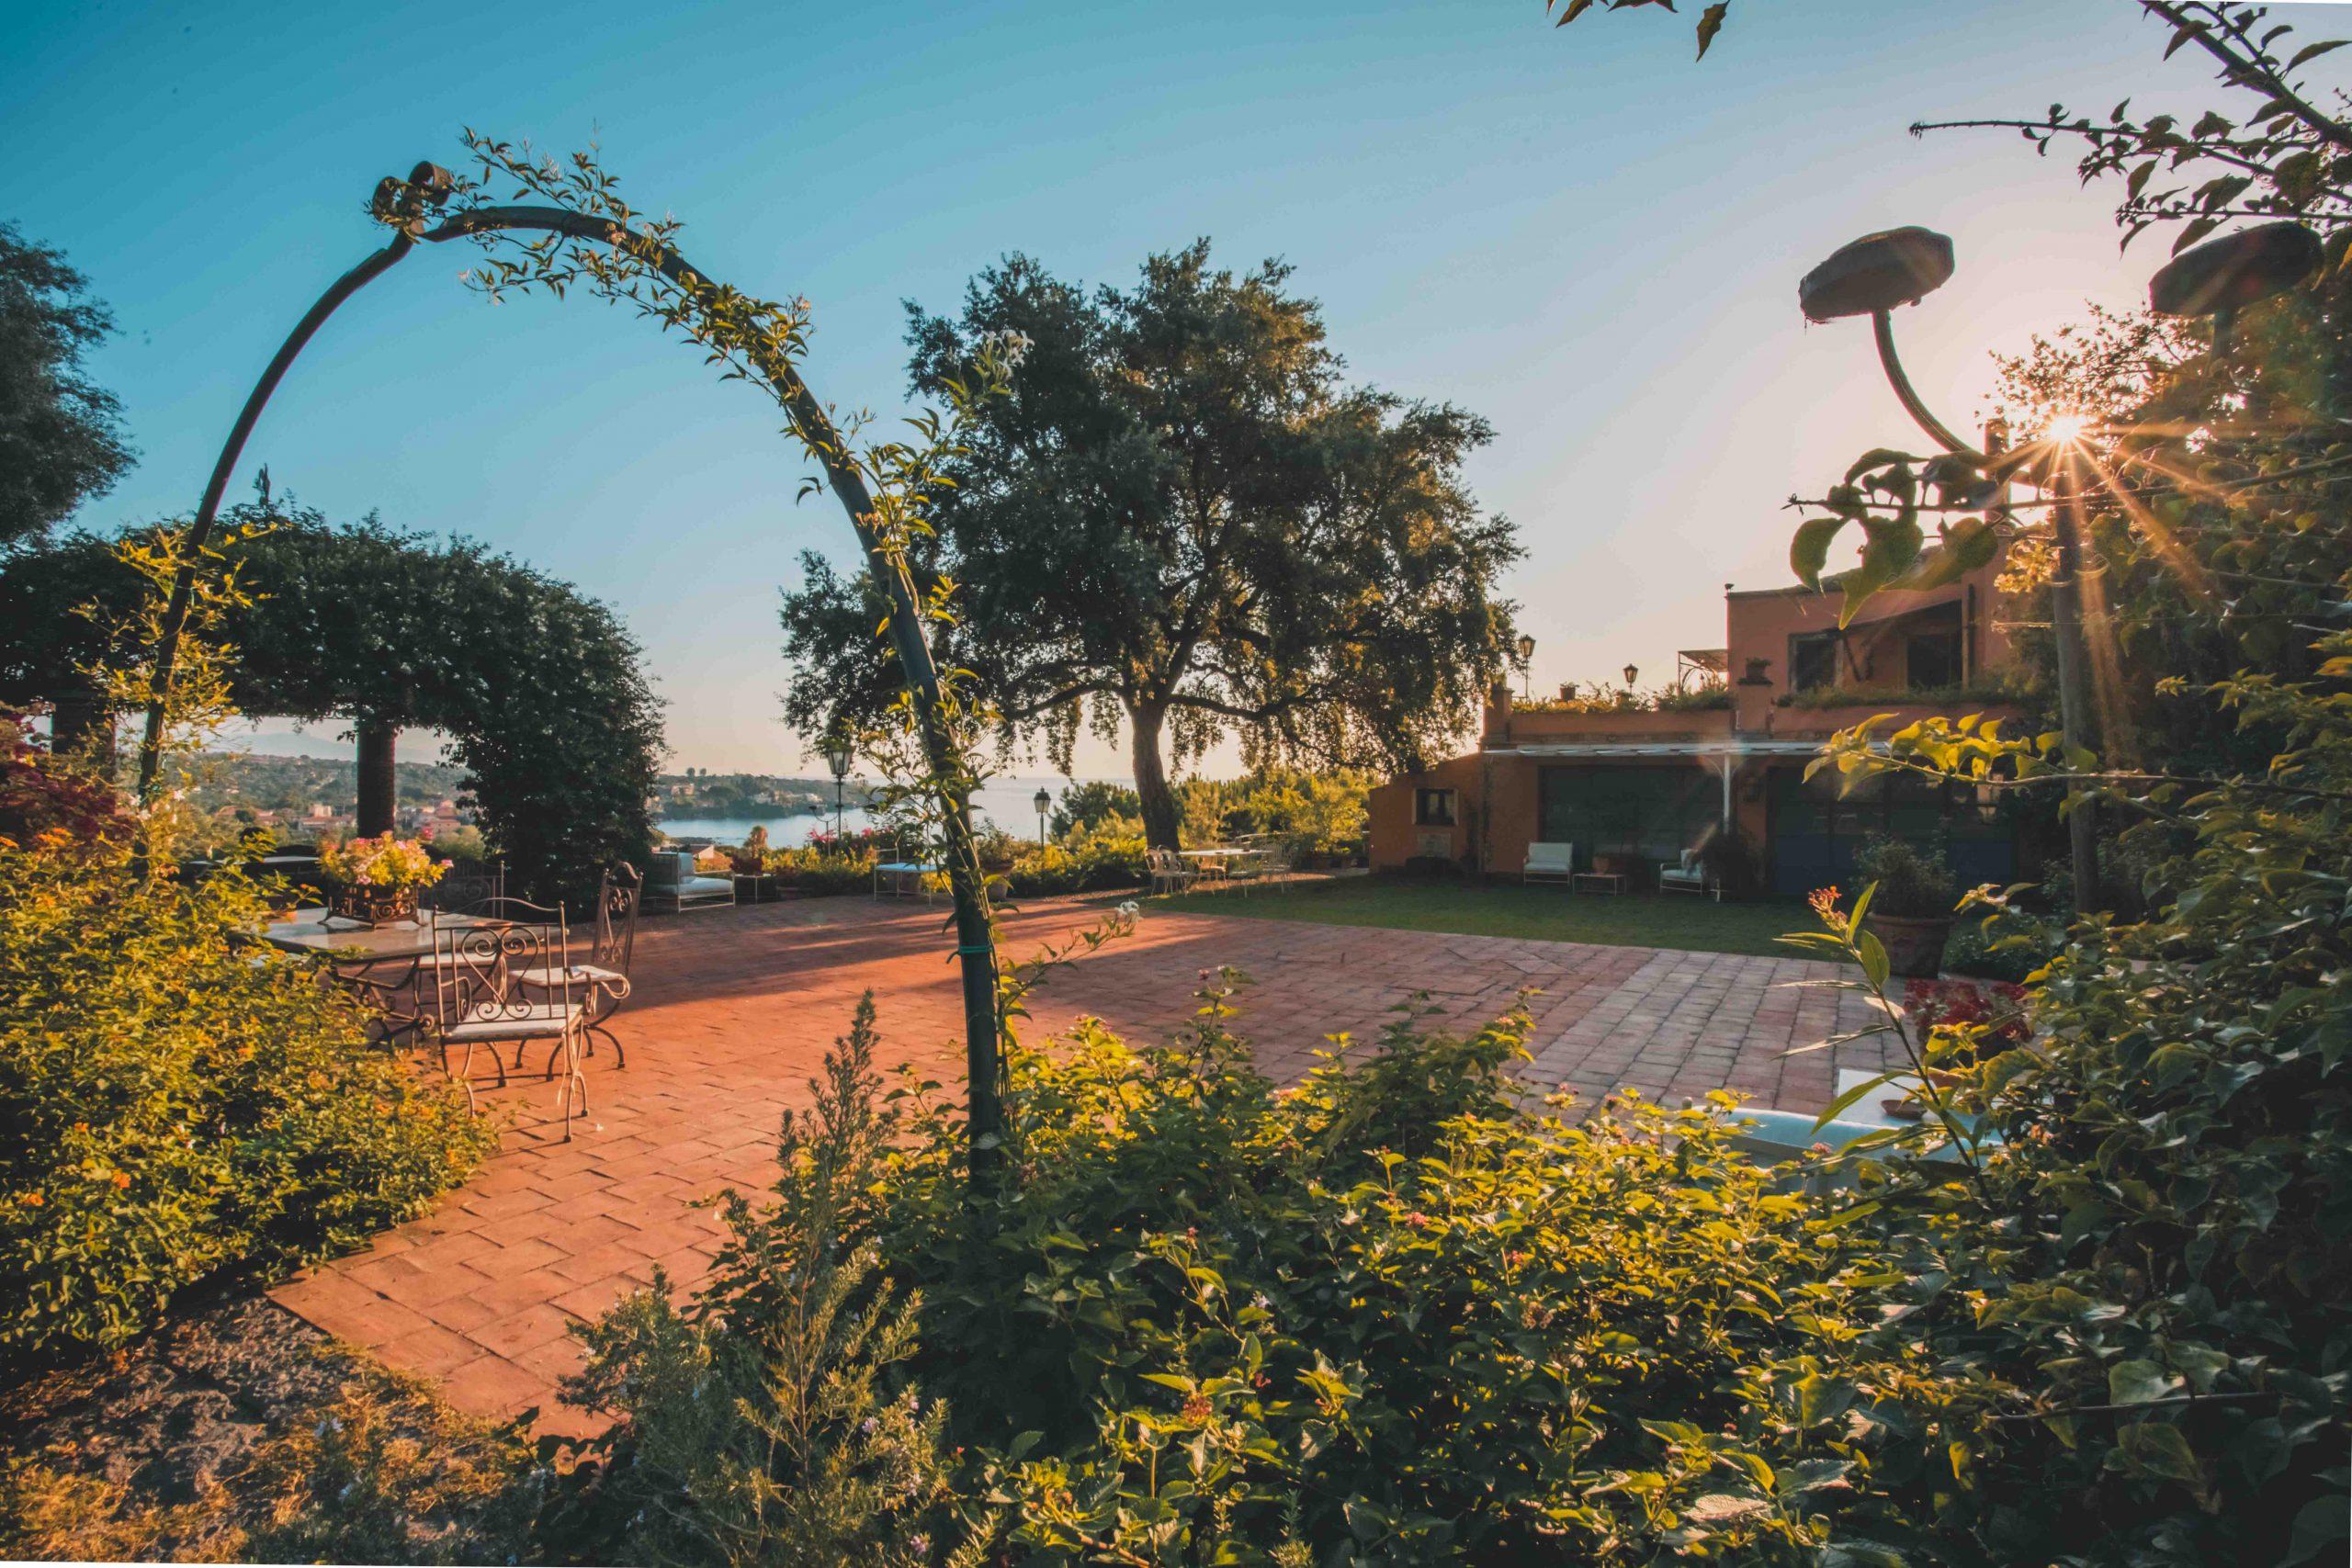 Che il cielo possa essere il pane quotidiano delle vostre sensazioni più belle. Villa Musmeci vi aspetta per viverle insieme e renderle più uniche che mai.